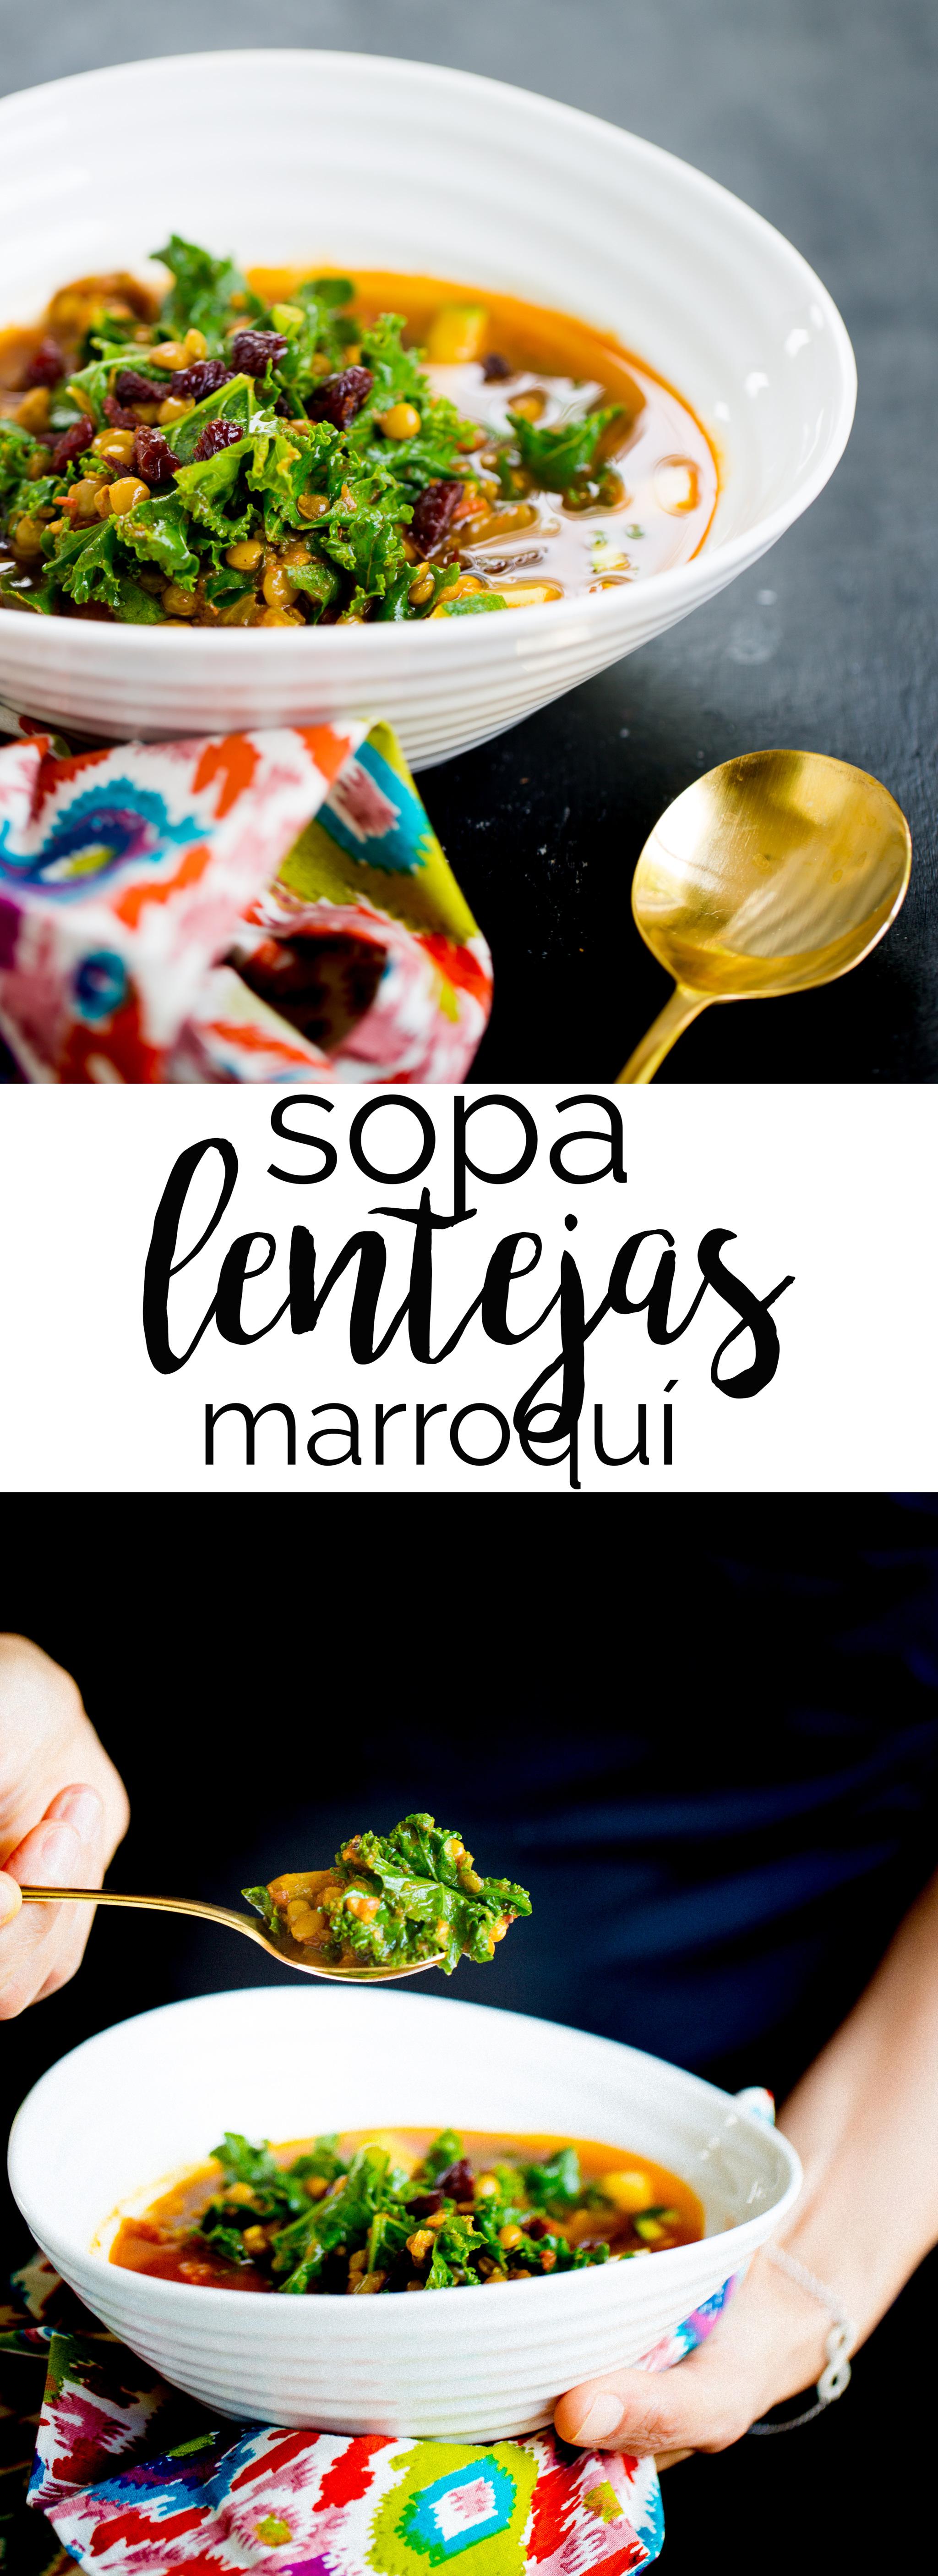 Esta receta para hacer sopa de lentejas marroquí pronto se va avolver en tu sopa preferida, se hace bien fácil y esta llena de especies que tienen super poderes en nuestra salud.